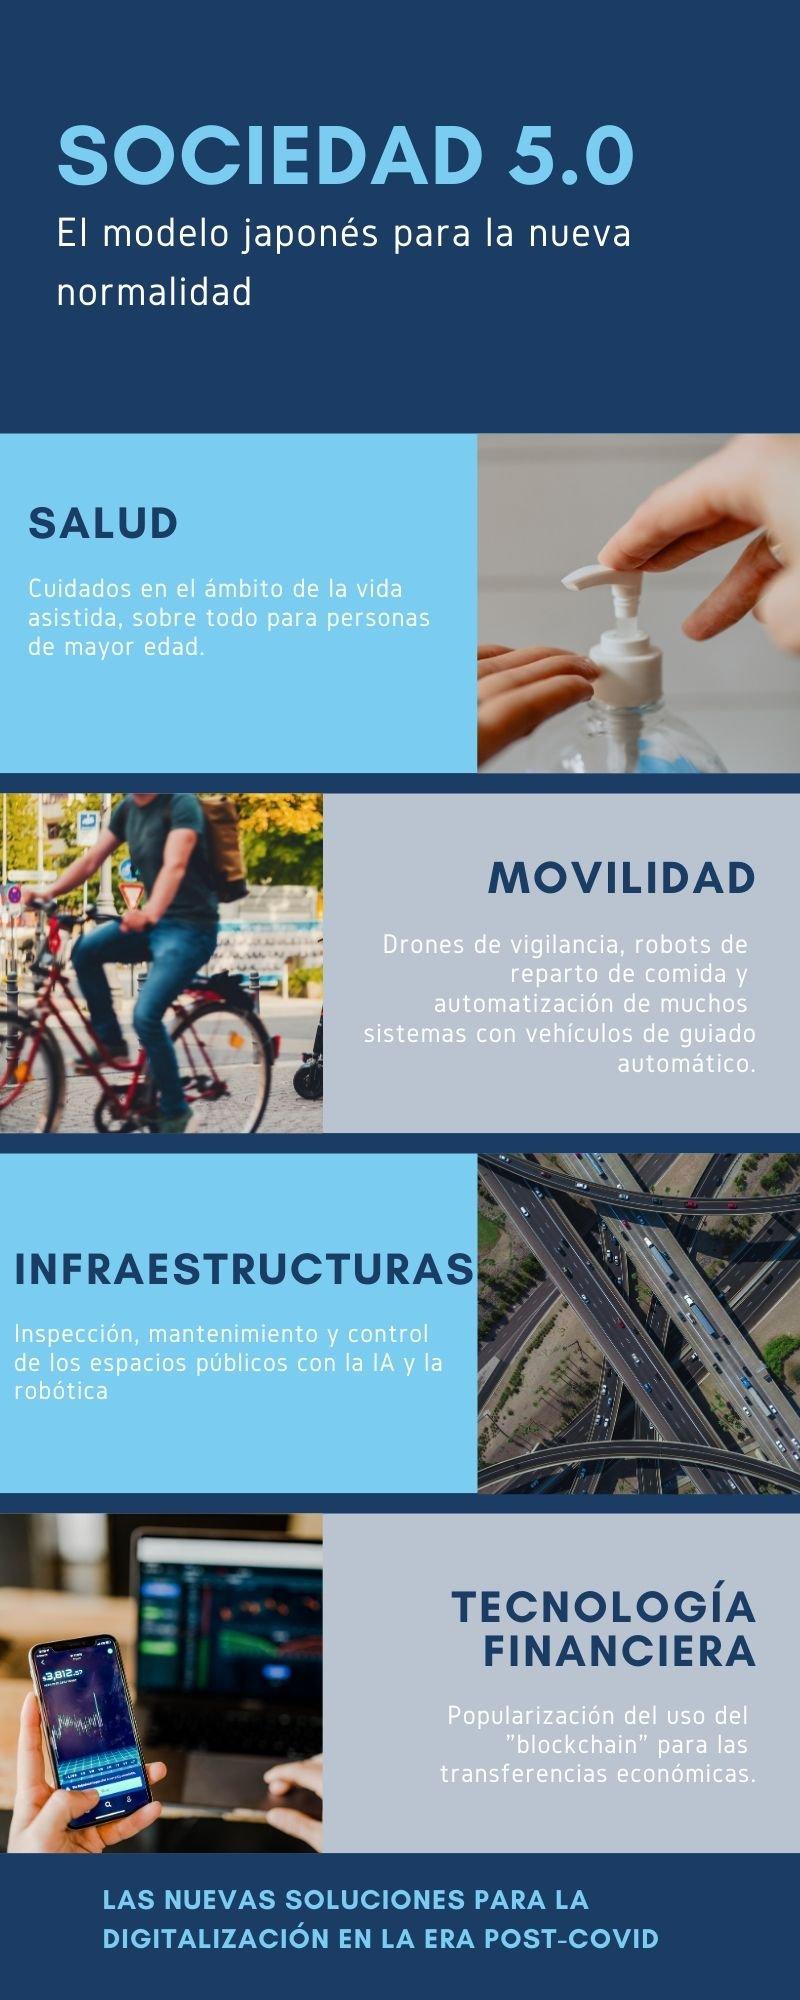 Infografía con las áreas principales en las que se desarrollarán avances tecnológicos.